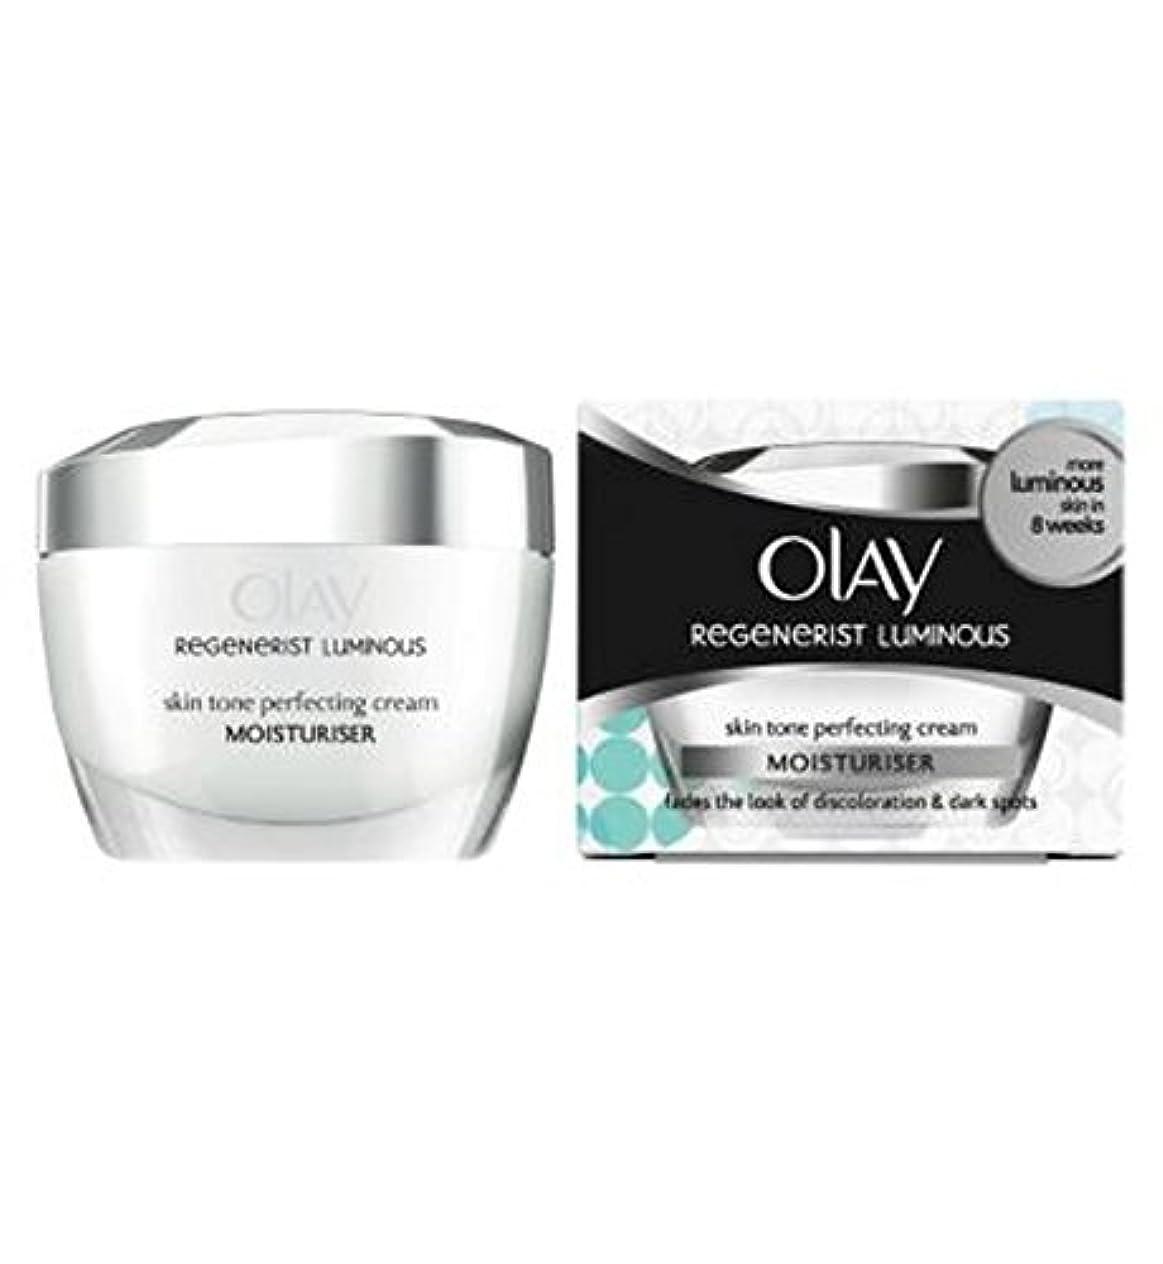 熱帯の生物学国内のデイクリーム50ミリリットルを完成オーレイリジェネ発光肌のトーン (Olay) (x2) - Olay Regenerist Luminous Skin Tone Perfecting Day Cream 50ml (Pack of 2) [並行輸入品]